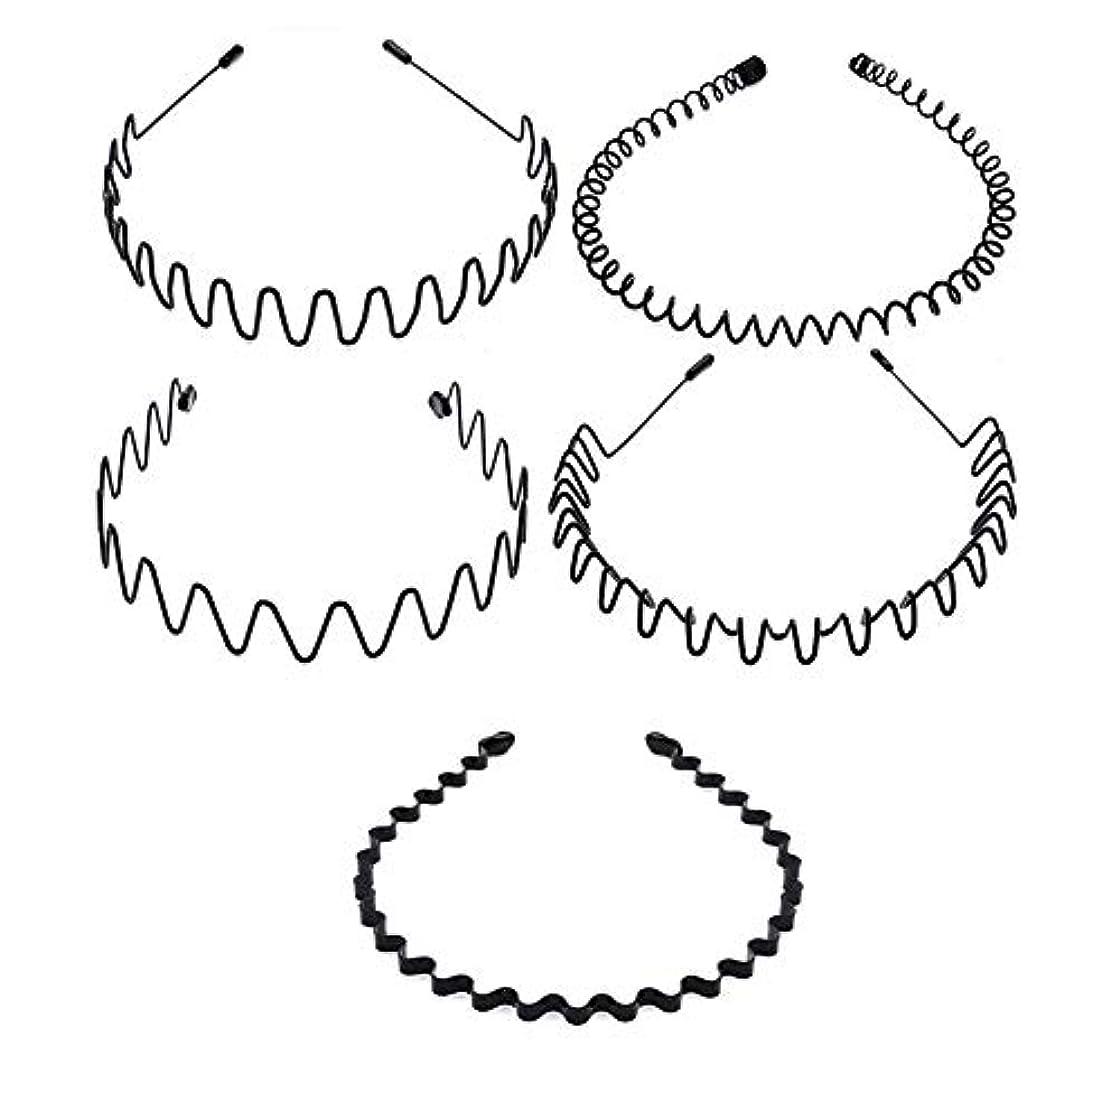 トーナメント内部プレミアム5種類のシンプルな波状ヘッドバンド 非常にニュートラルなヘアクリップ 男性と女性の両方が使用可能 黒